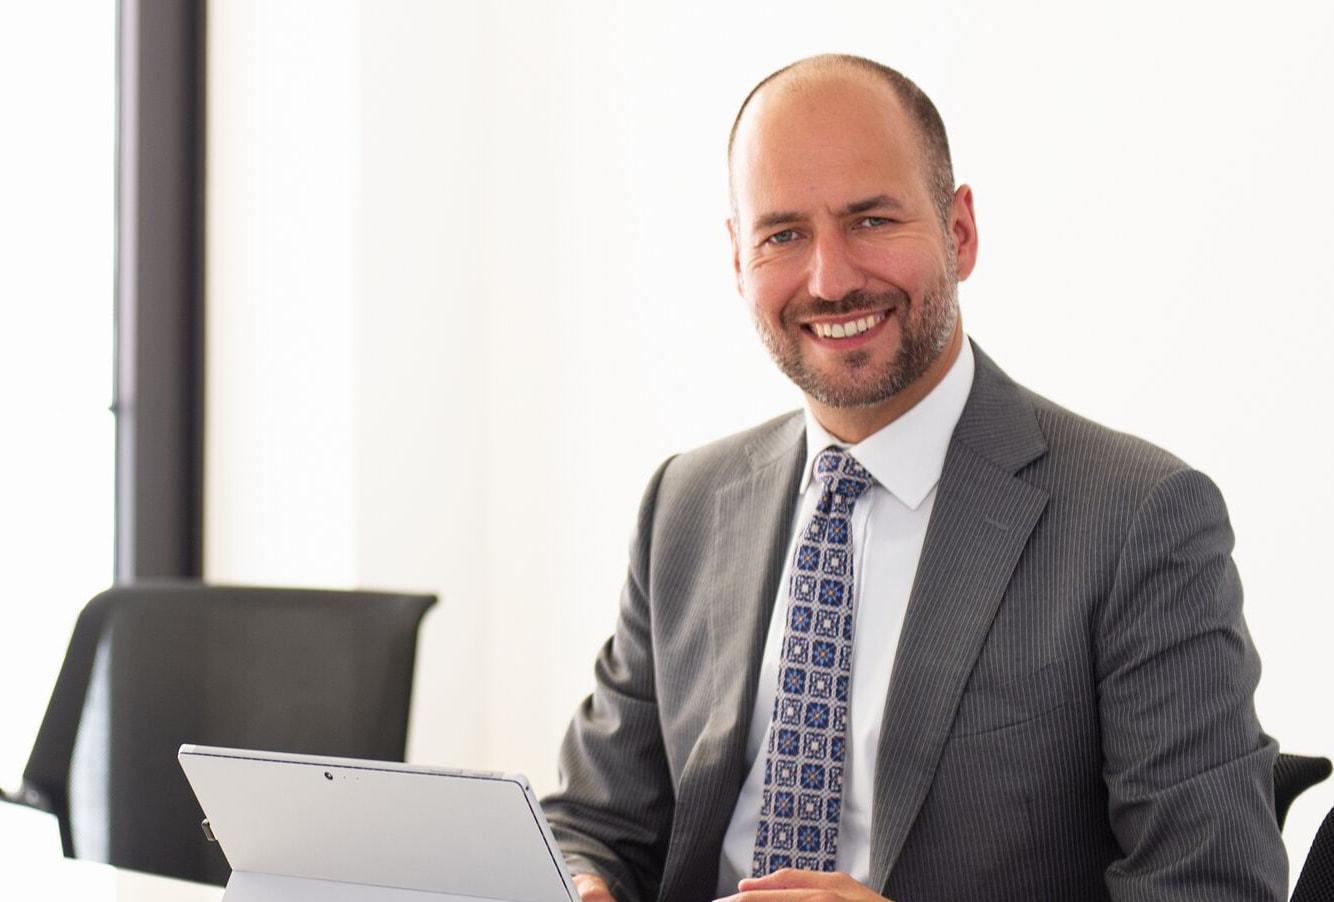 Geschwindigkeit im Recruiting ist Gold wert sagt Thomas Hartenfels im Talente Magazin und Podcast